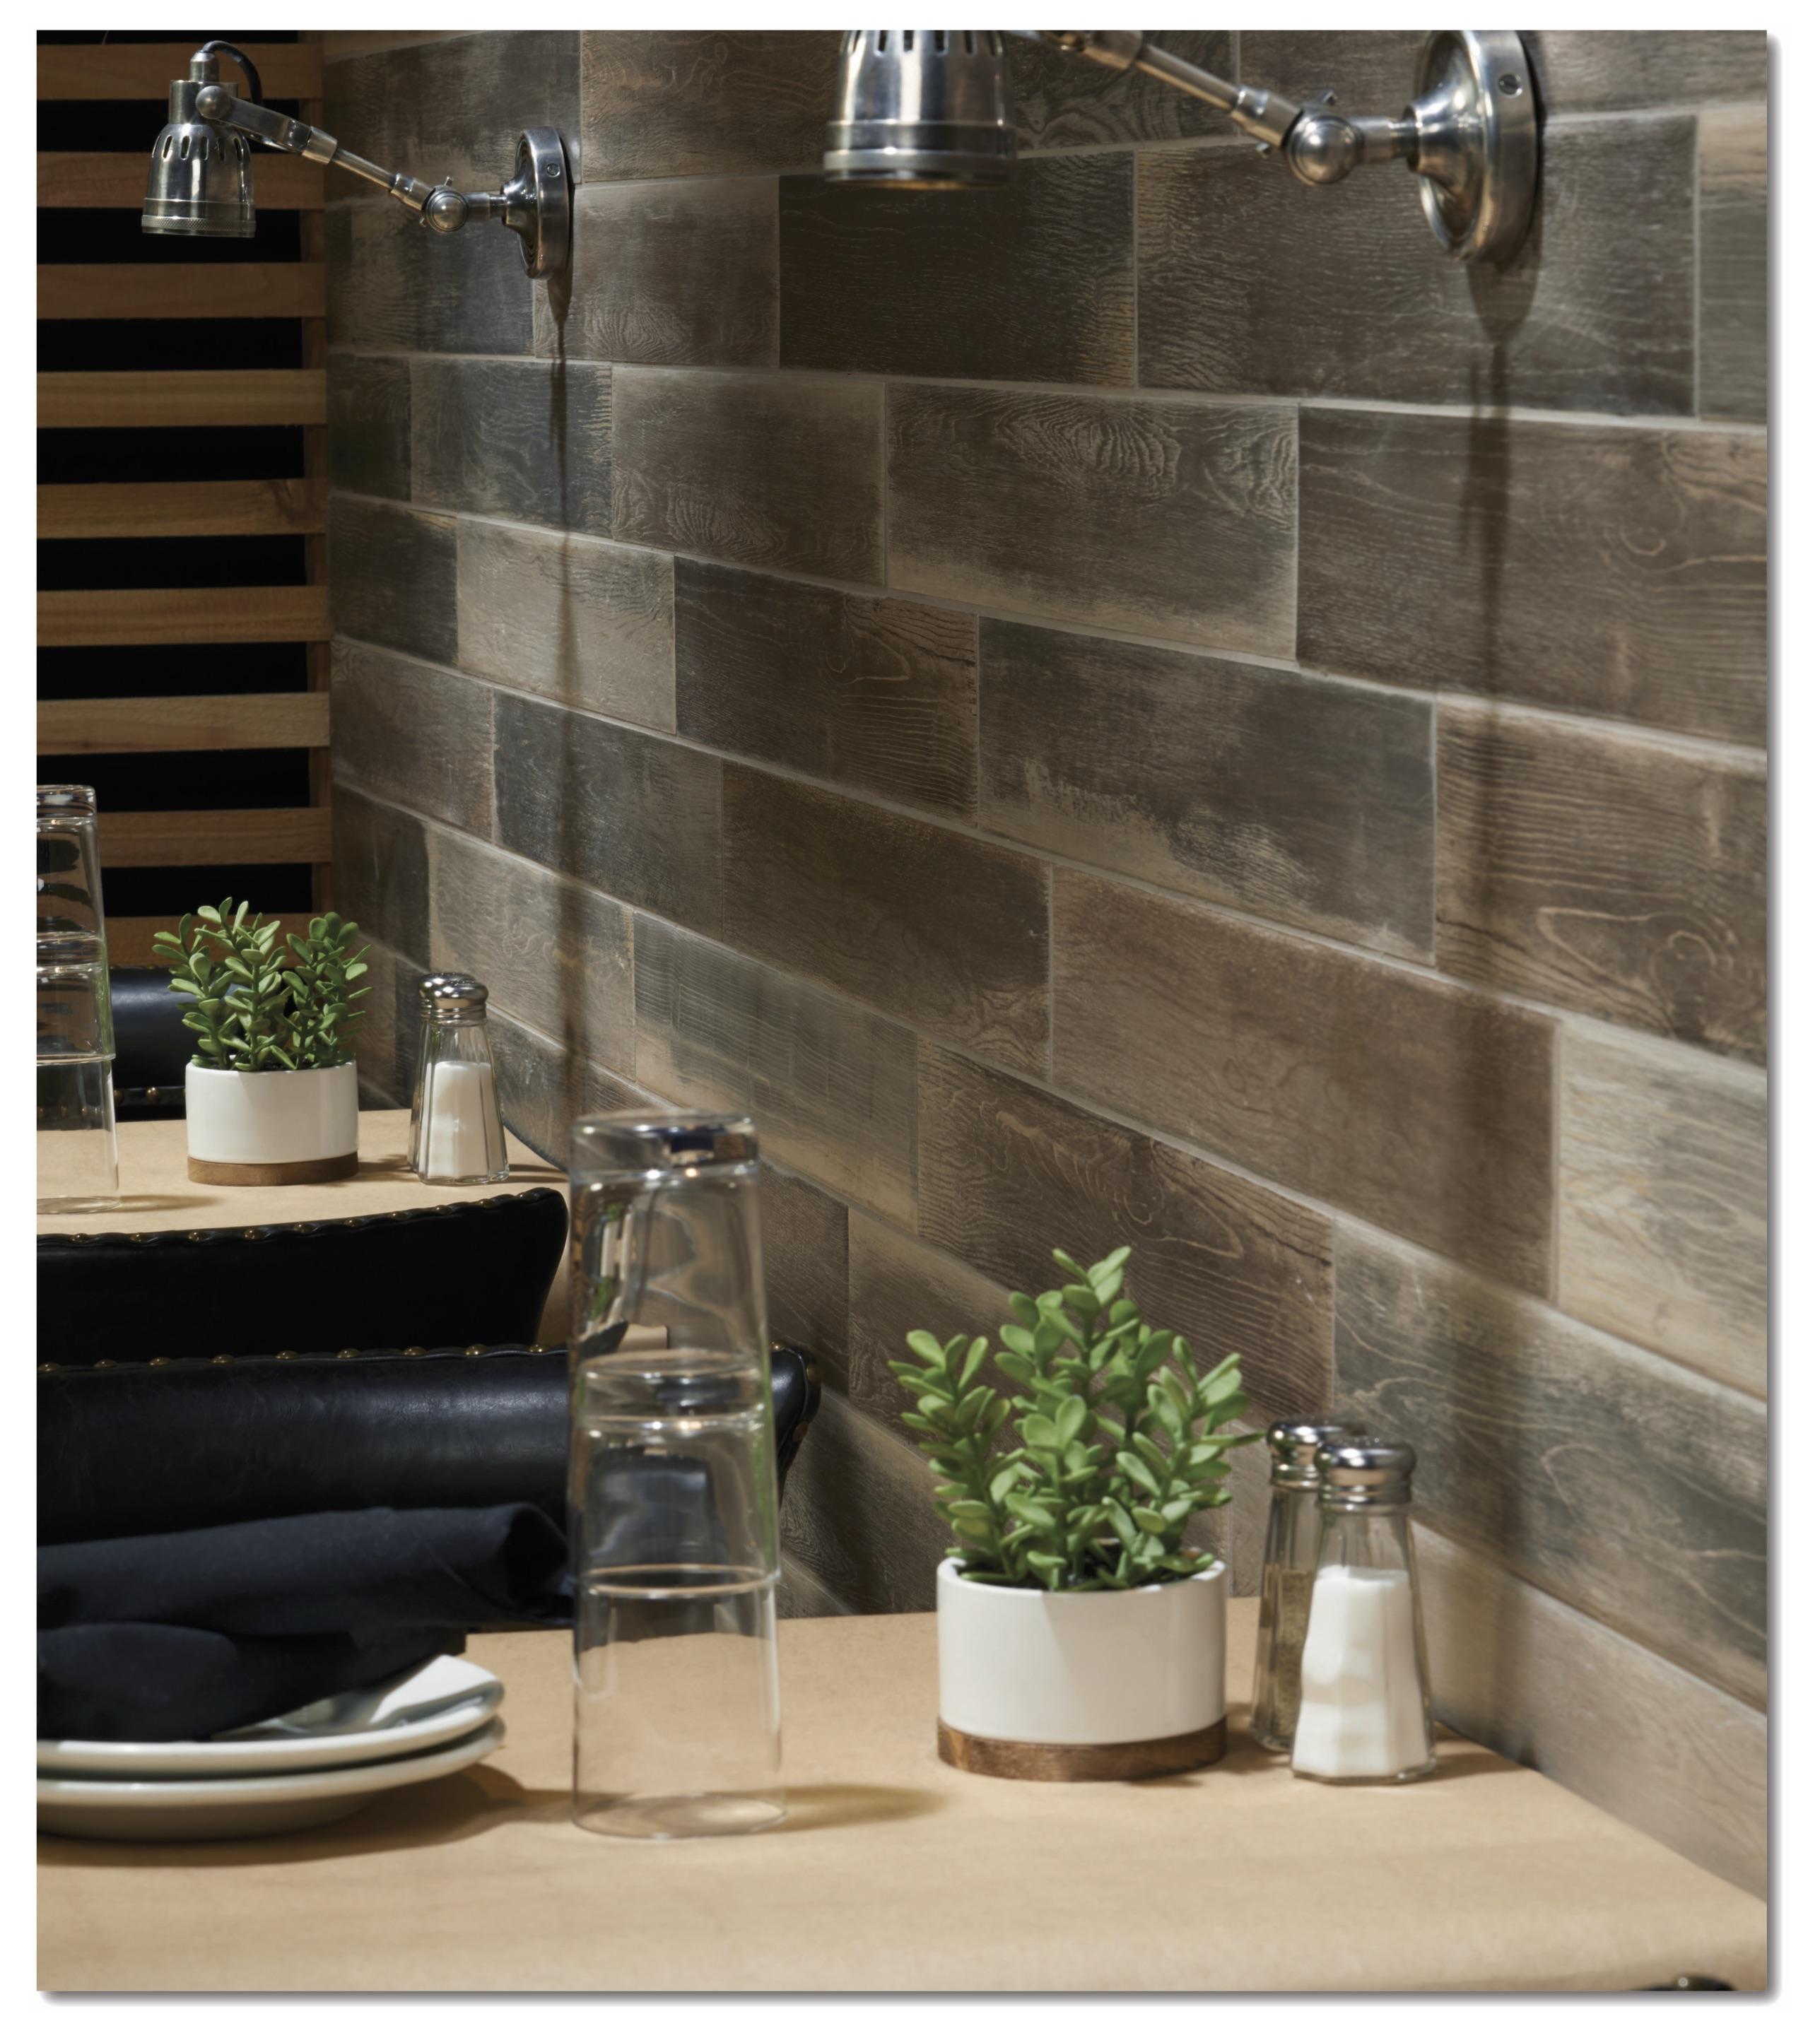 Marazzi Urban District Mix on restaurant wall